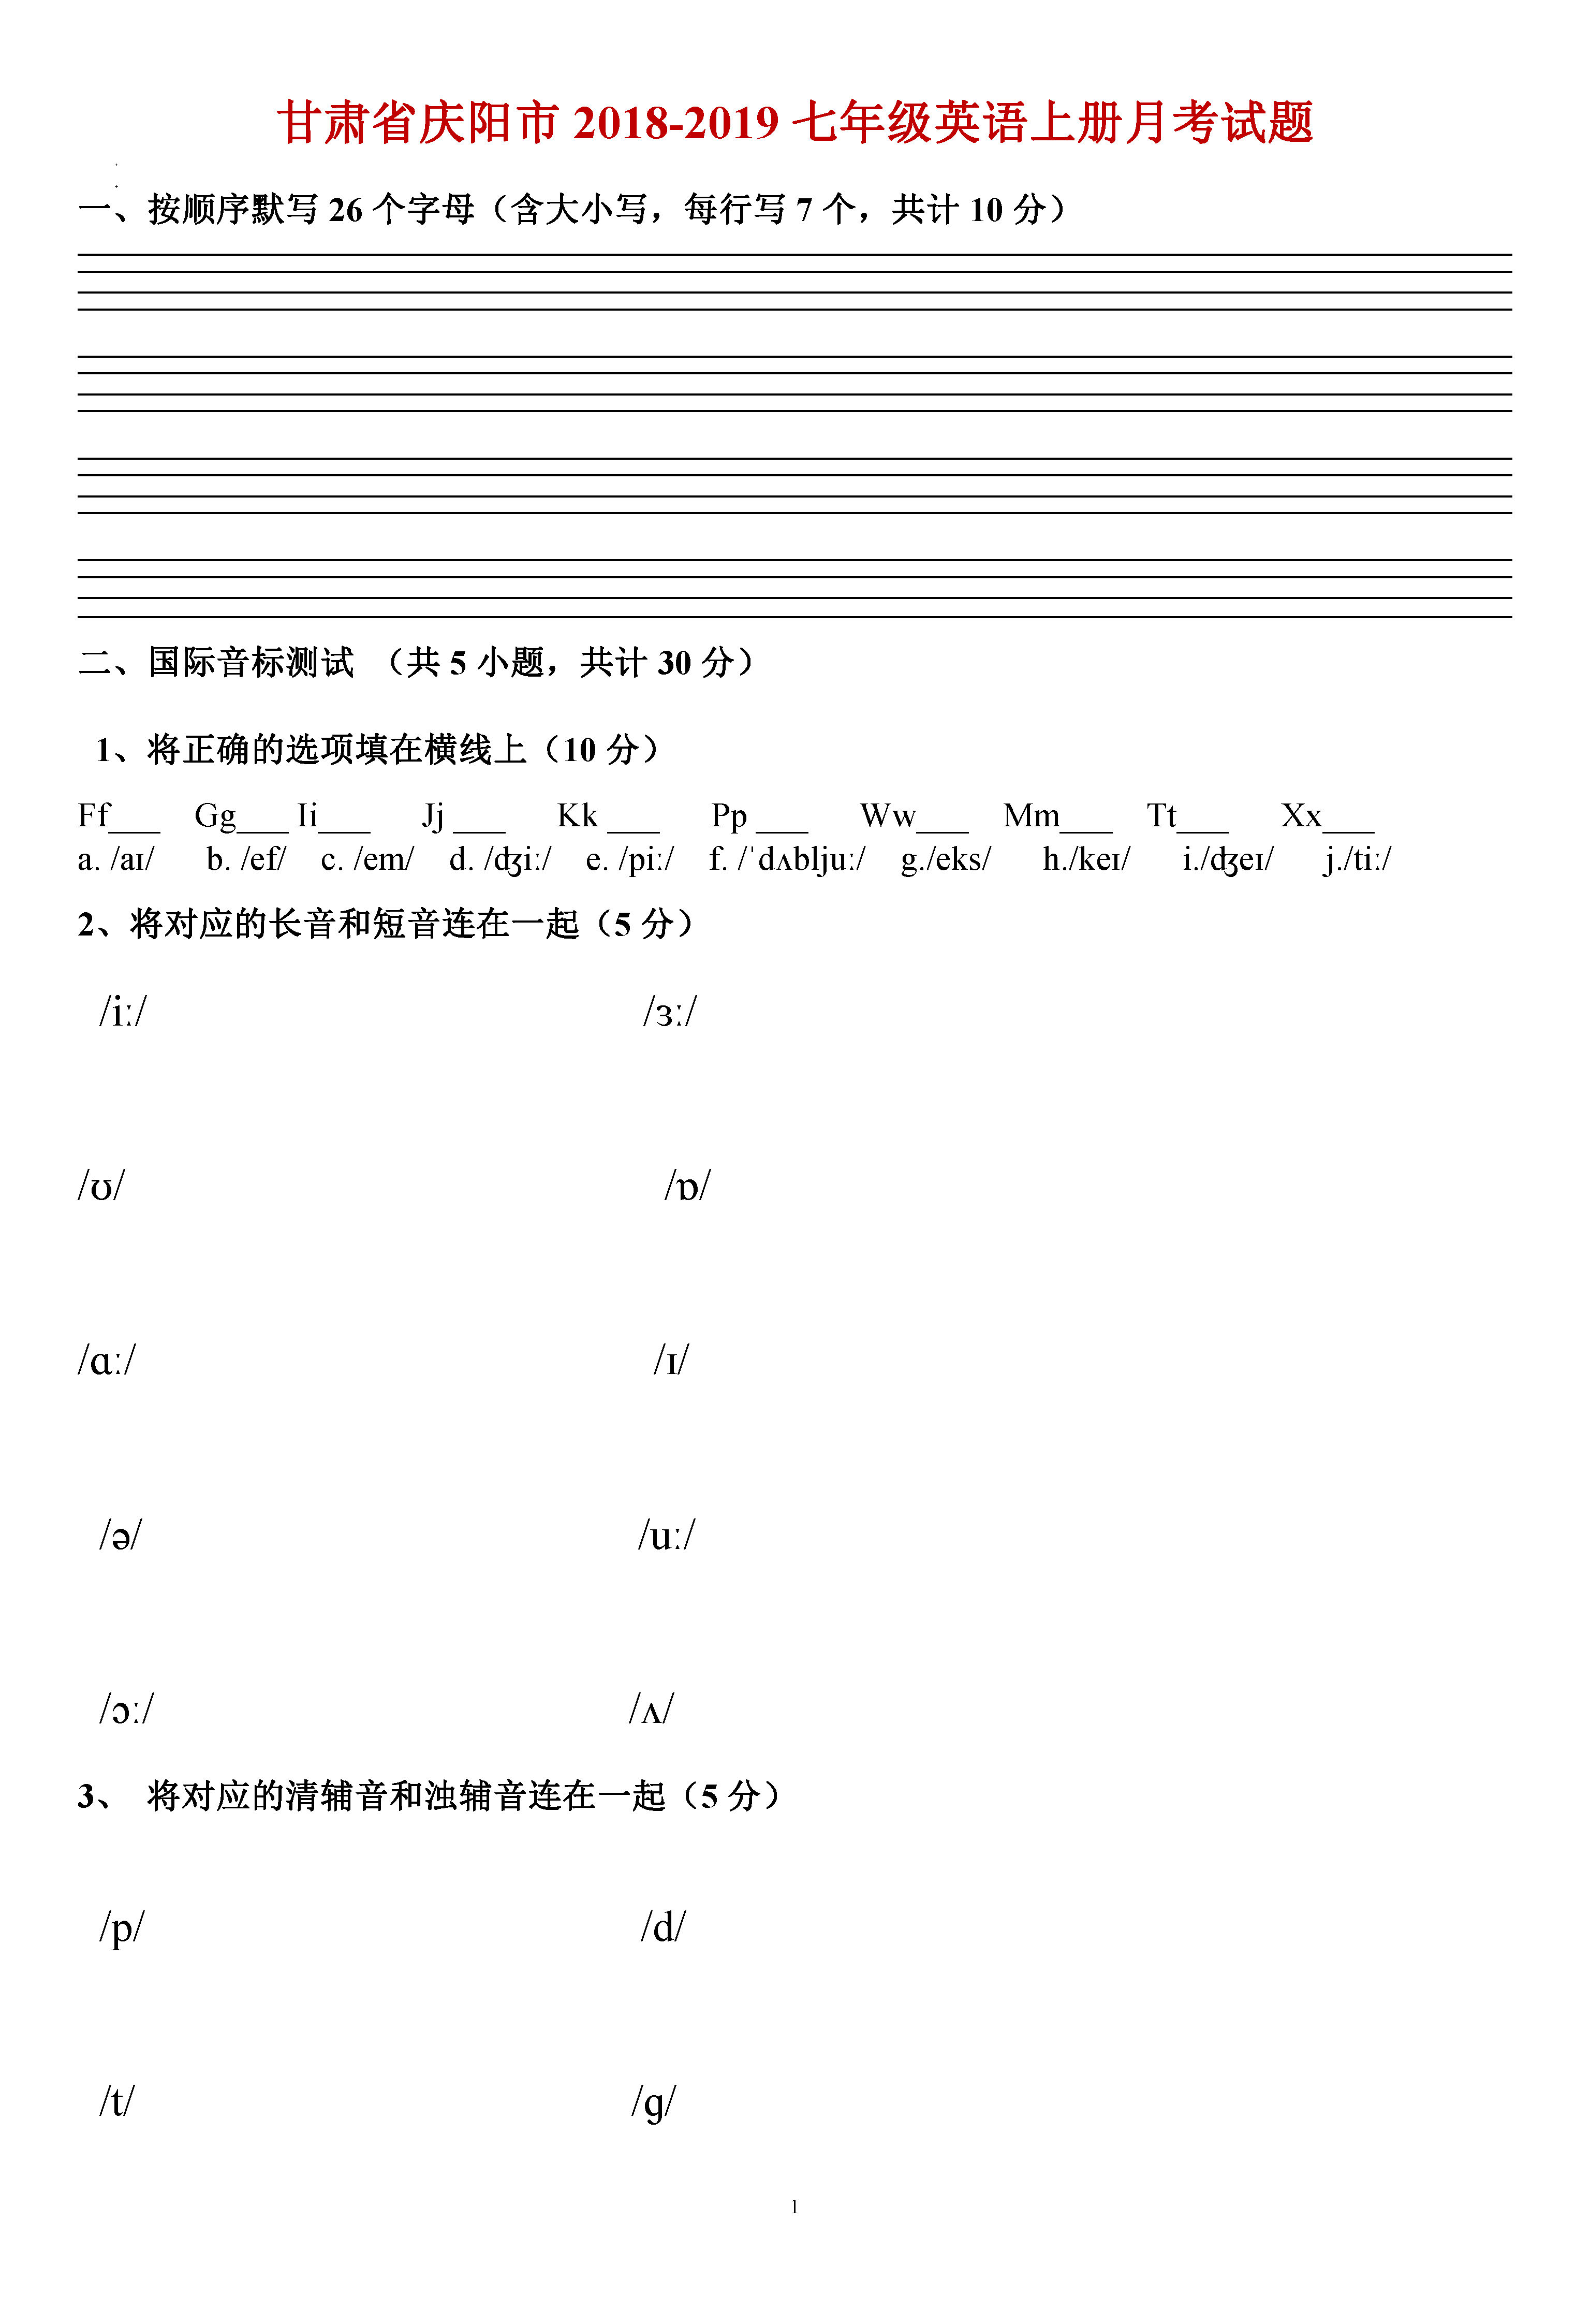 甘肃省庆阳市2018-2019七年级英语上册月考测试题无答案